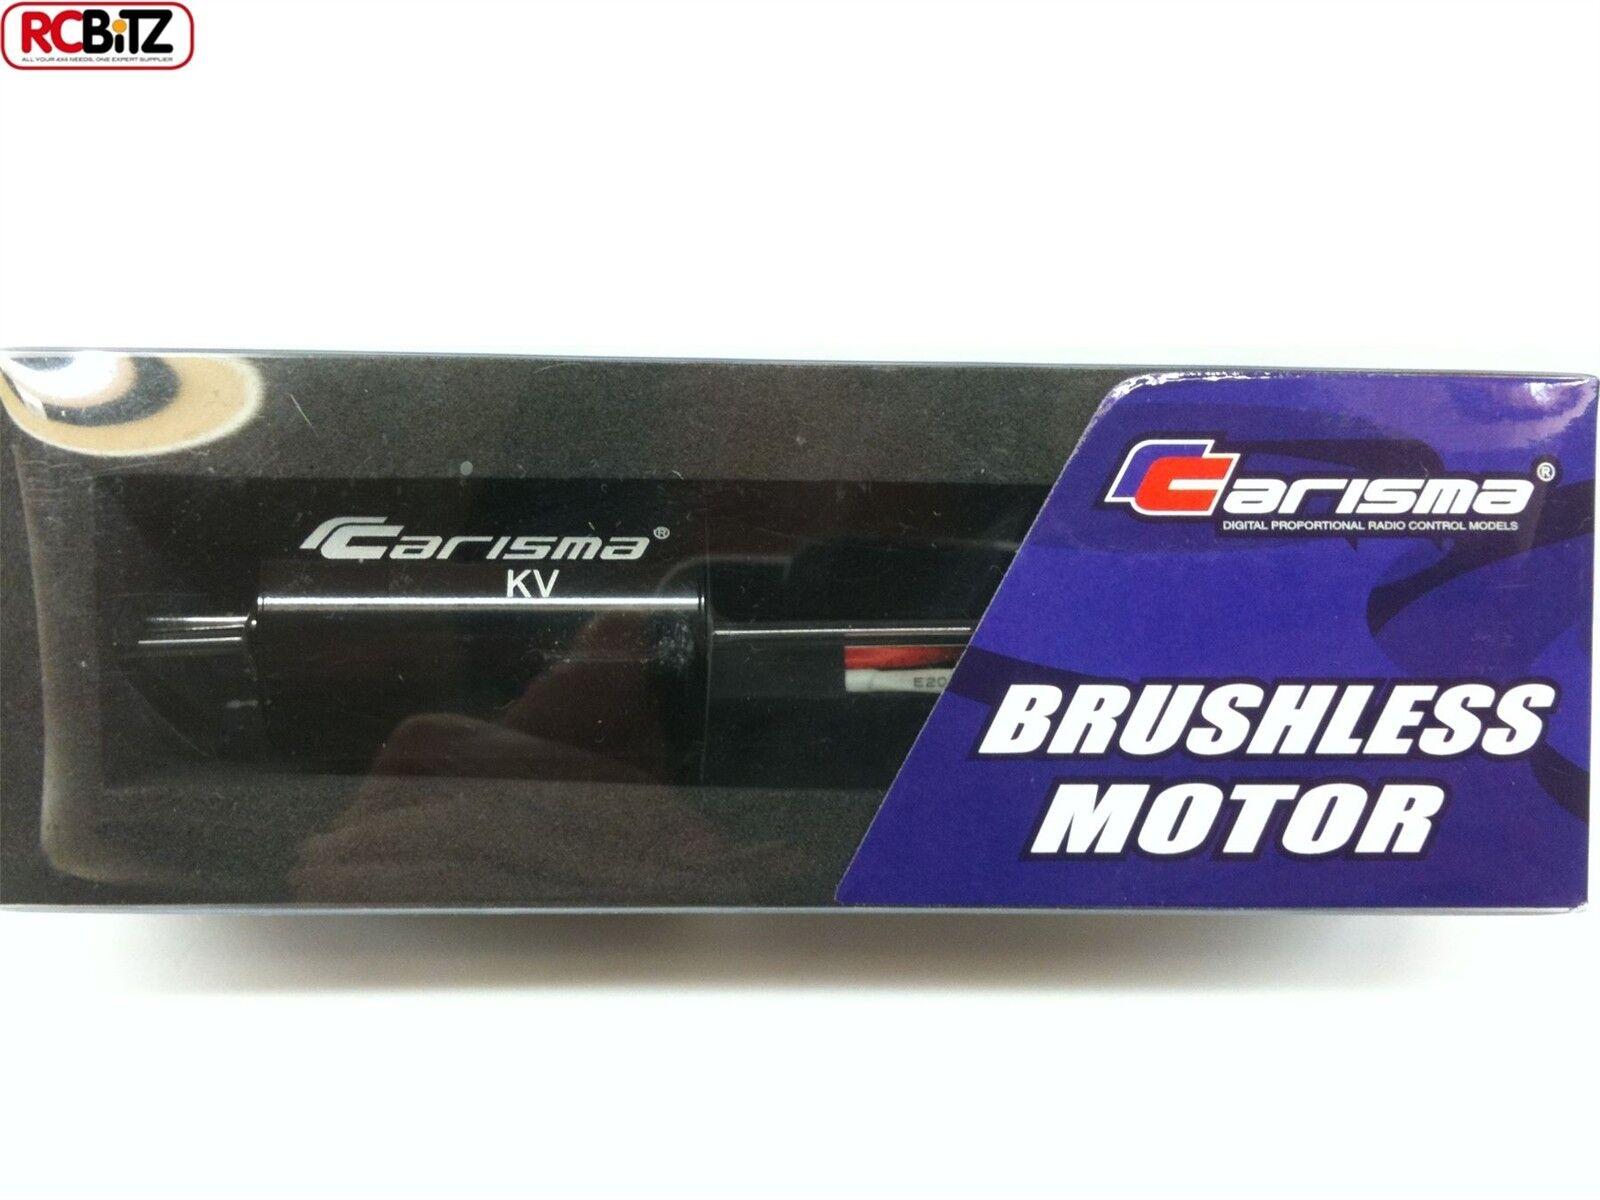 Carisma RC Brushless Motor 5700KV CA14980 GT14B  GT14 & M14 ESC Needed too